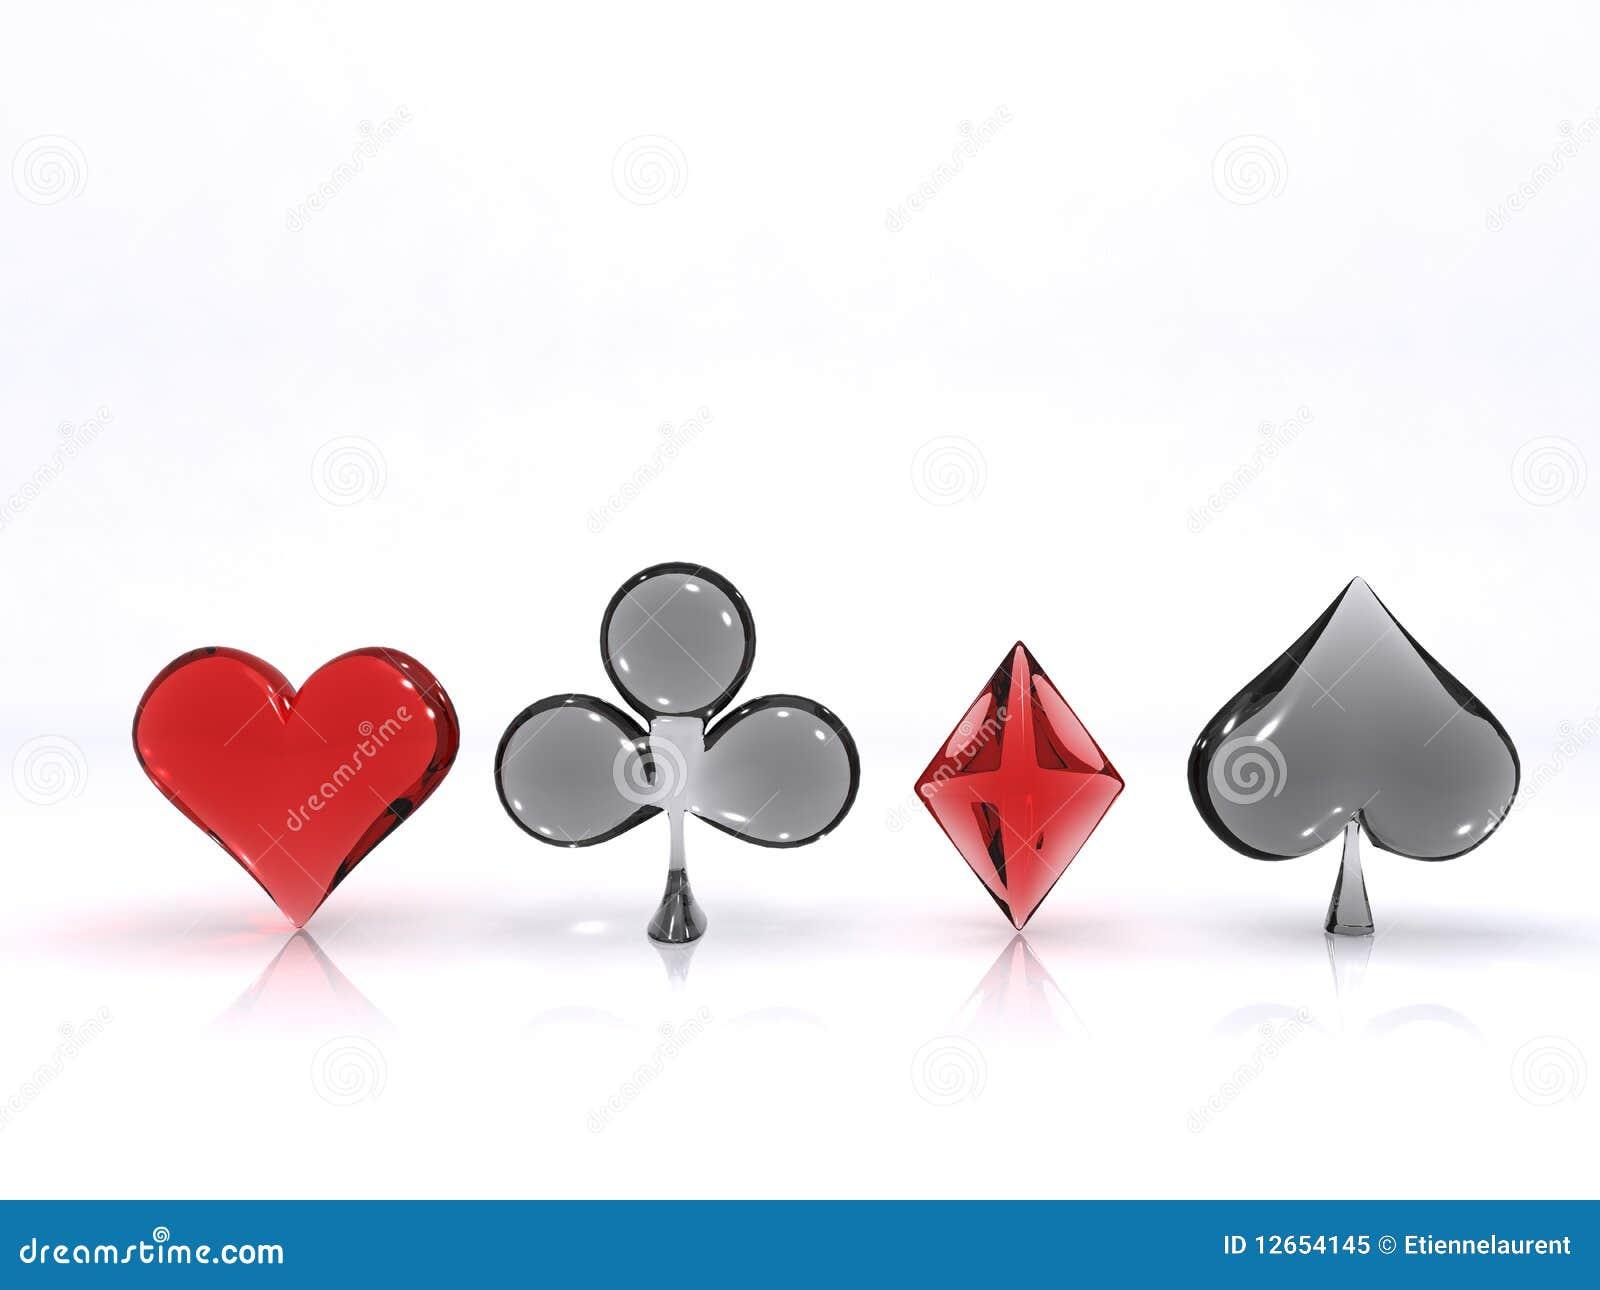 Casino free gambling money 11